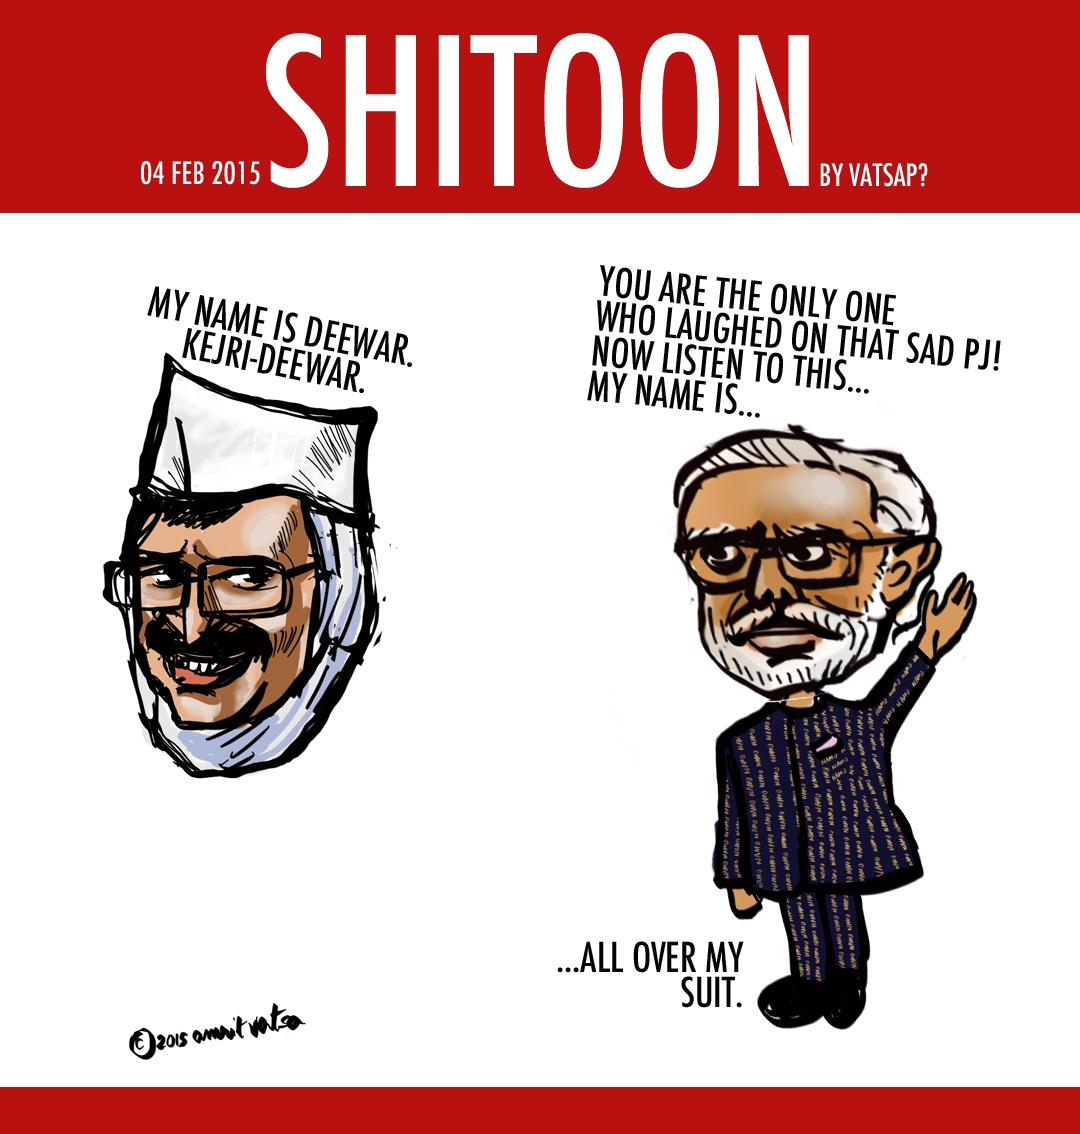 shitton-04feb2015